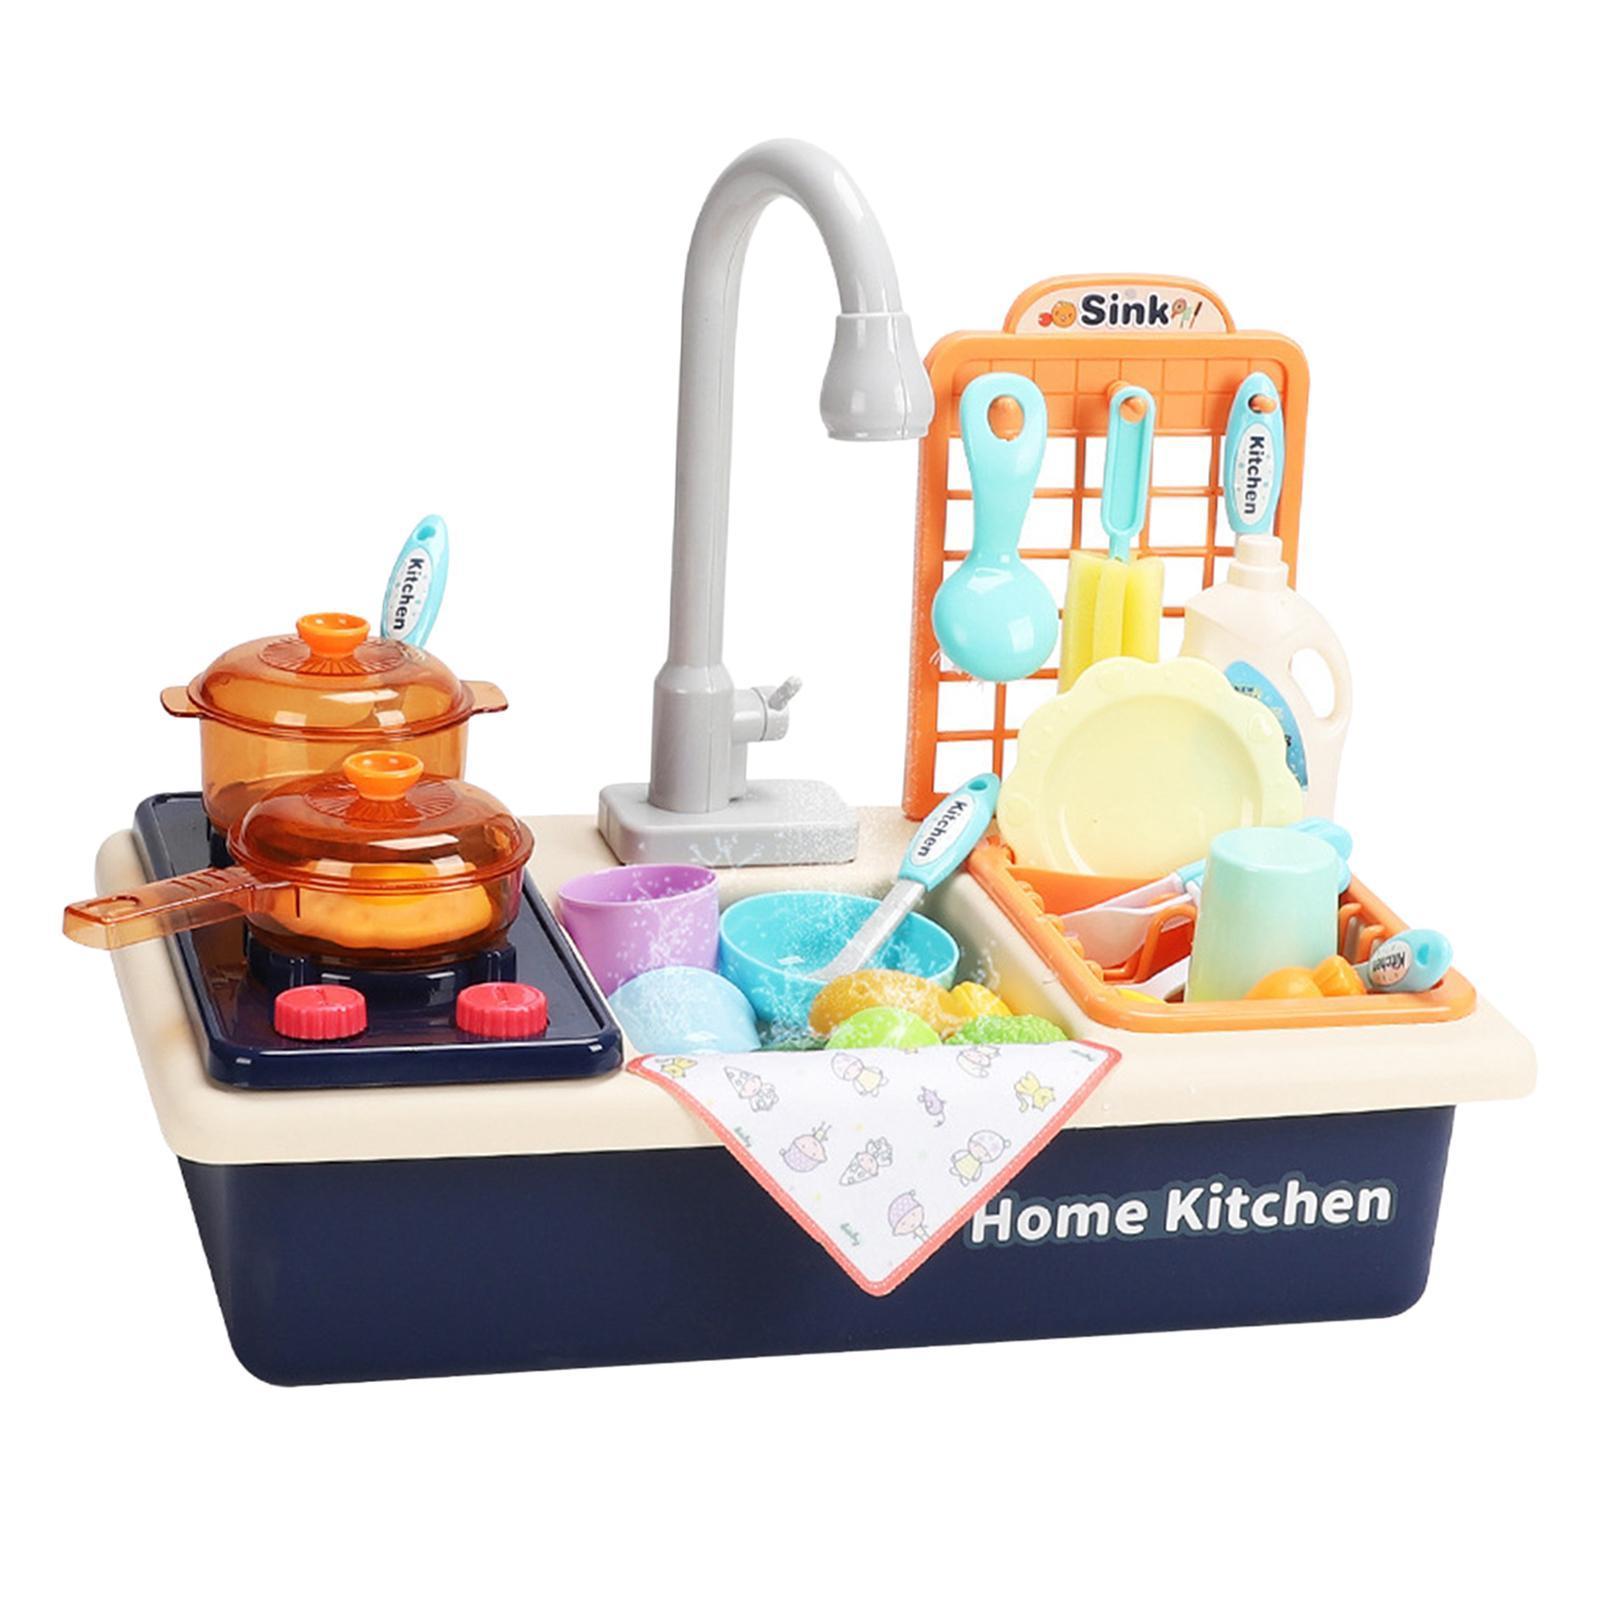 Indexbild 24 - Kinder-Kueche-Spielen-Waschbecken-Spielzeug-Automatische-Wasser-Zyklus-System